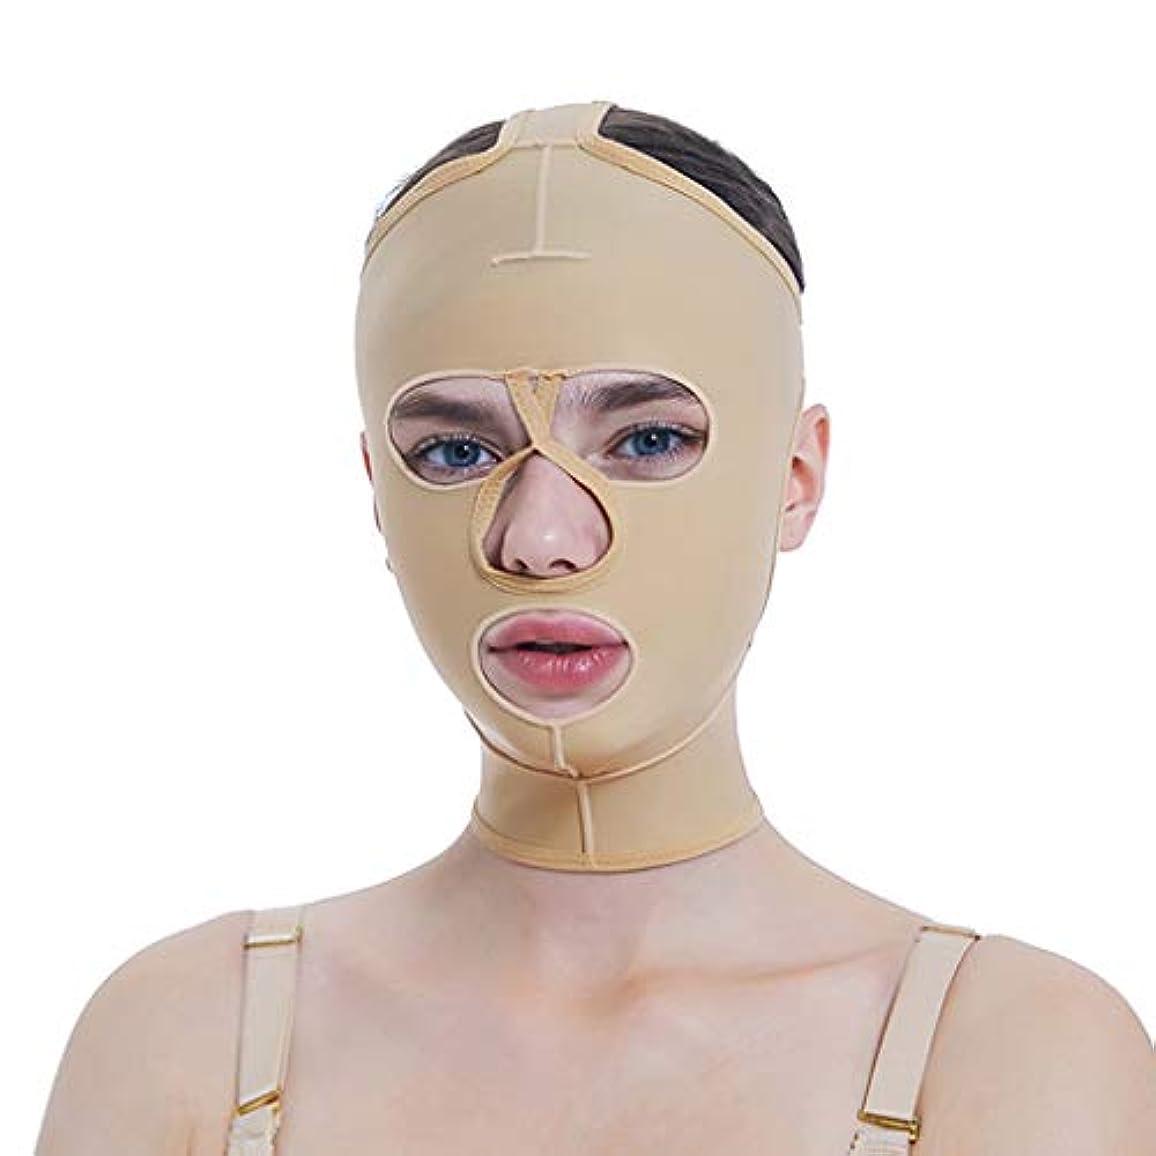 変換デコードするタヒチ脂肪吸引成形マスク、薄手かつらVフェイスビームフェイス弾性スリーブマルチサイズオプション (Size : S)